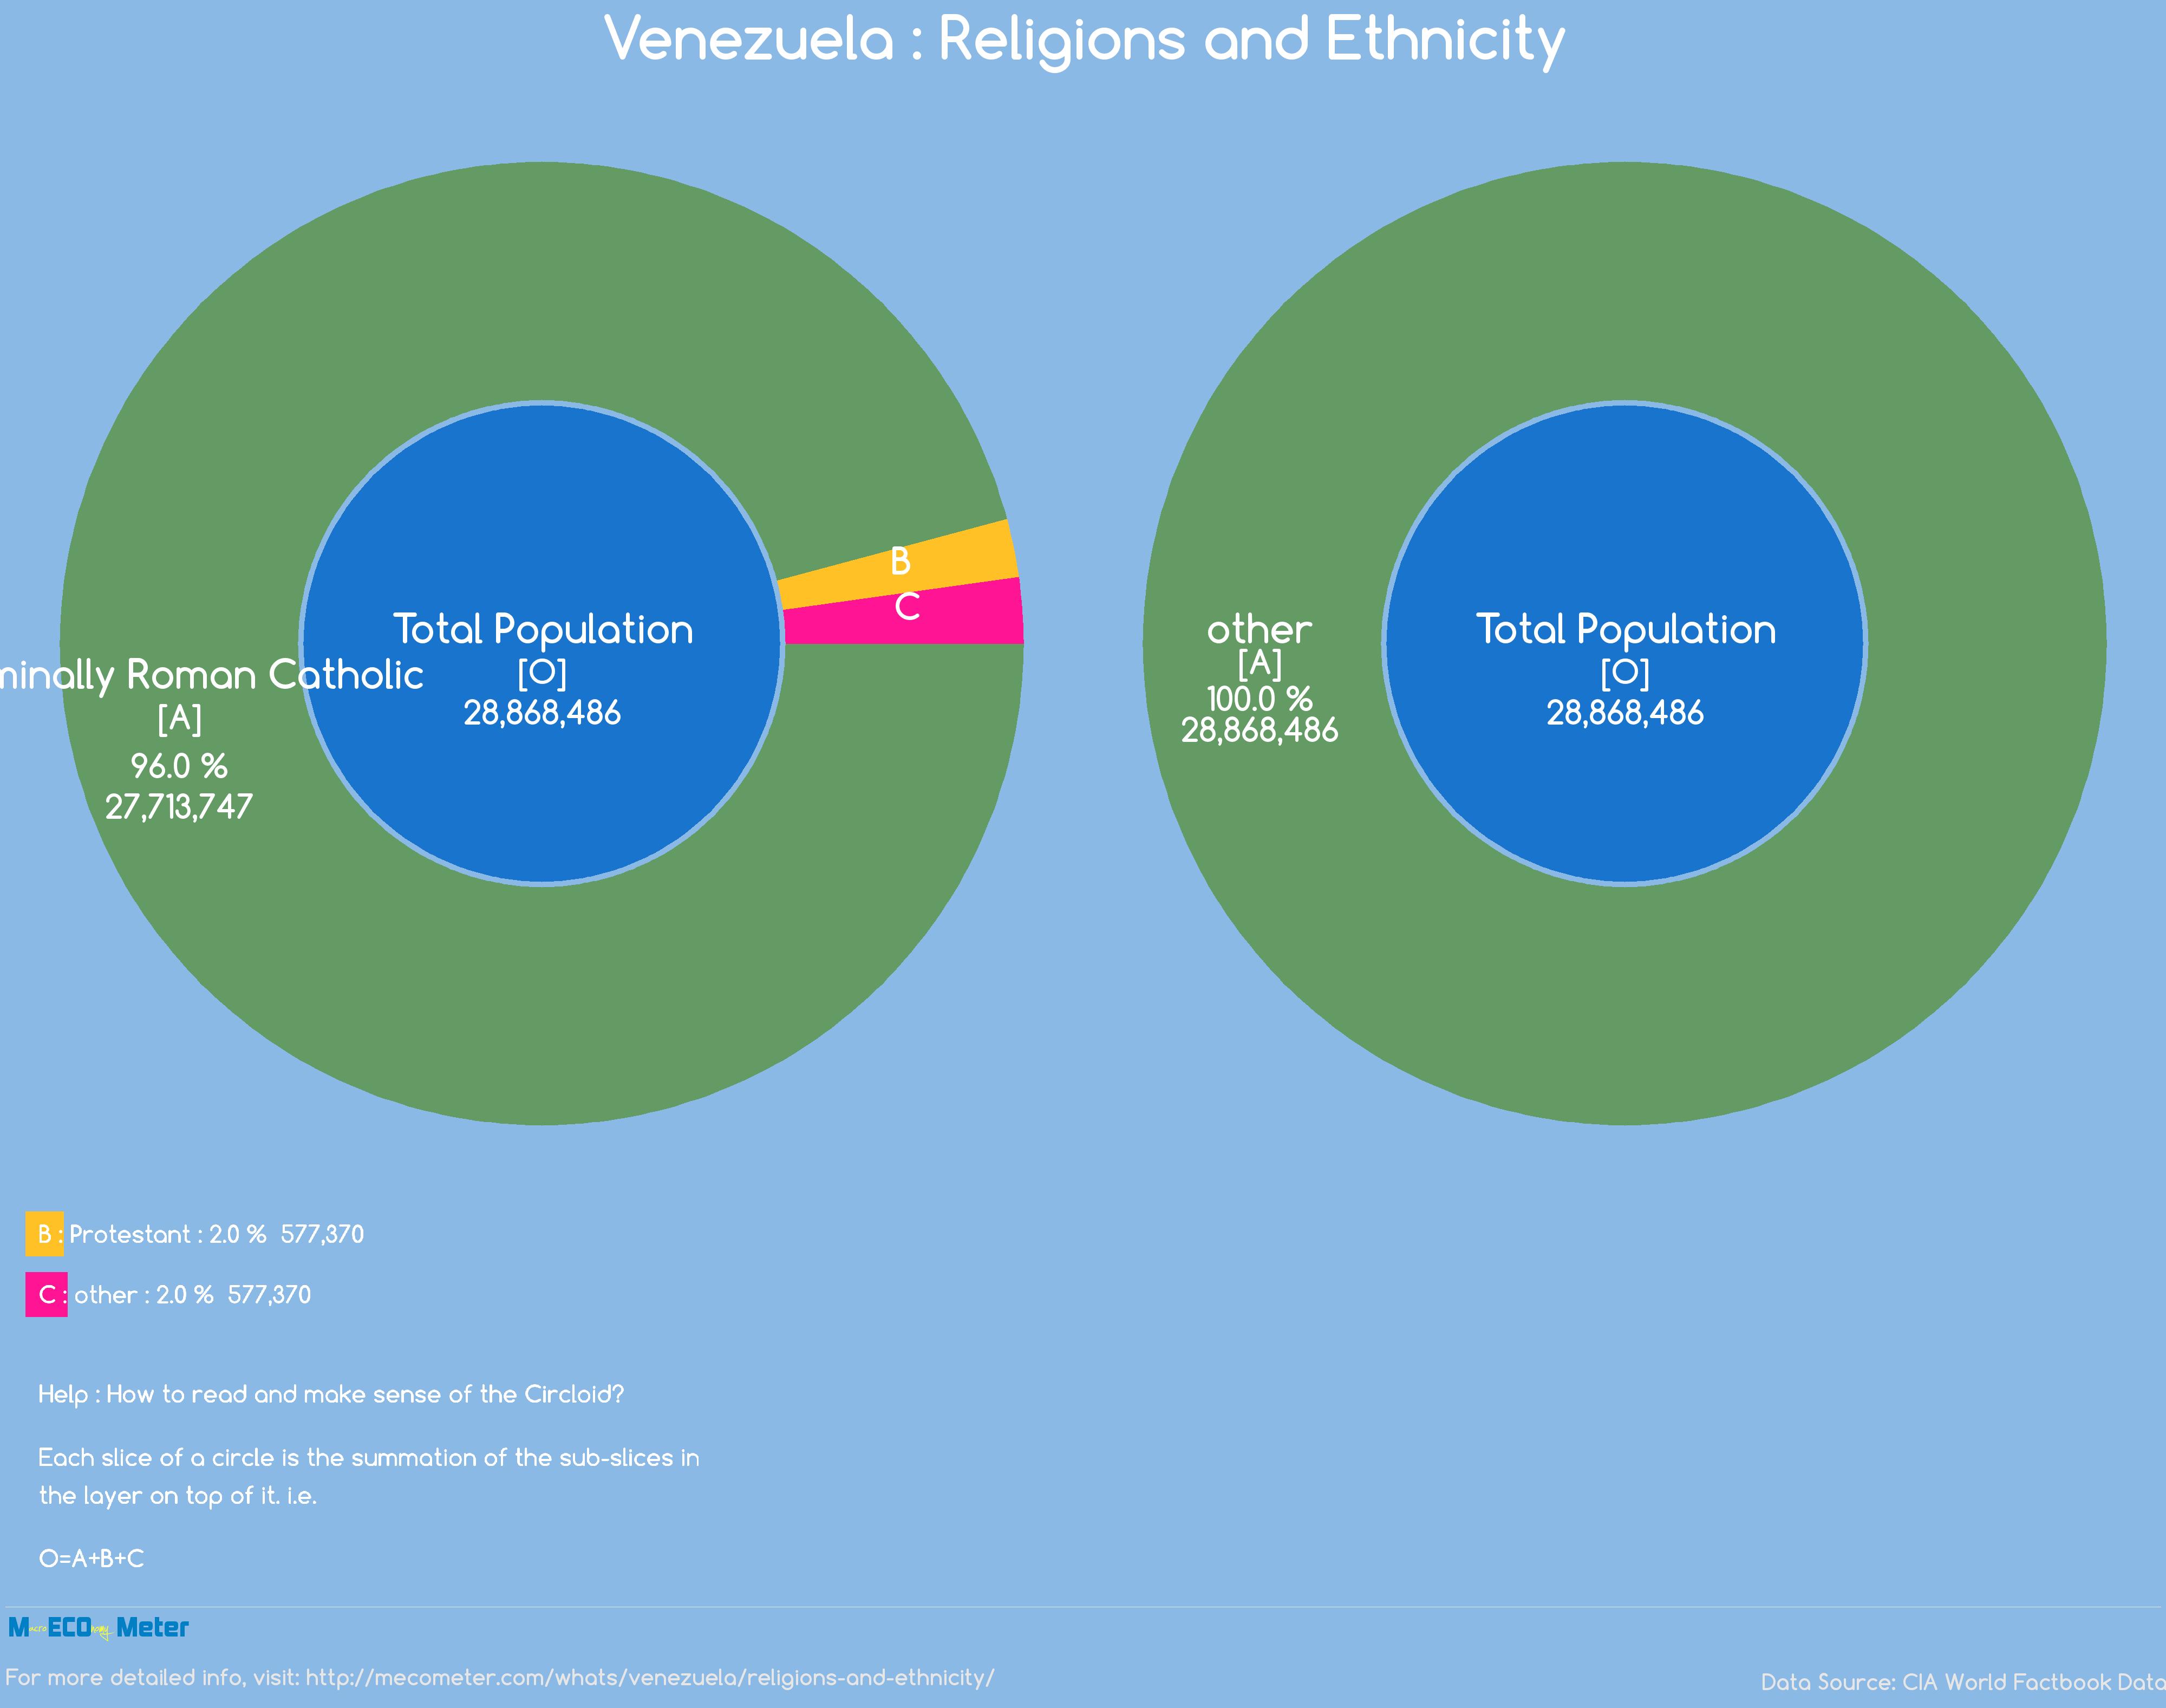 Venezuela : Religions and Ethnicity